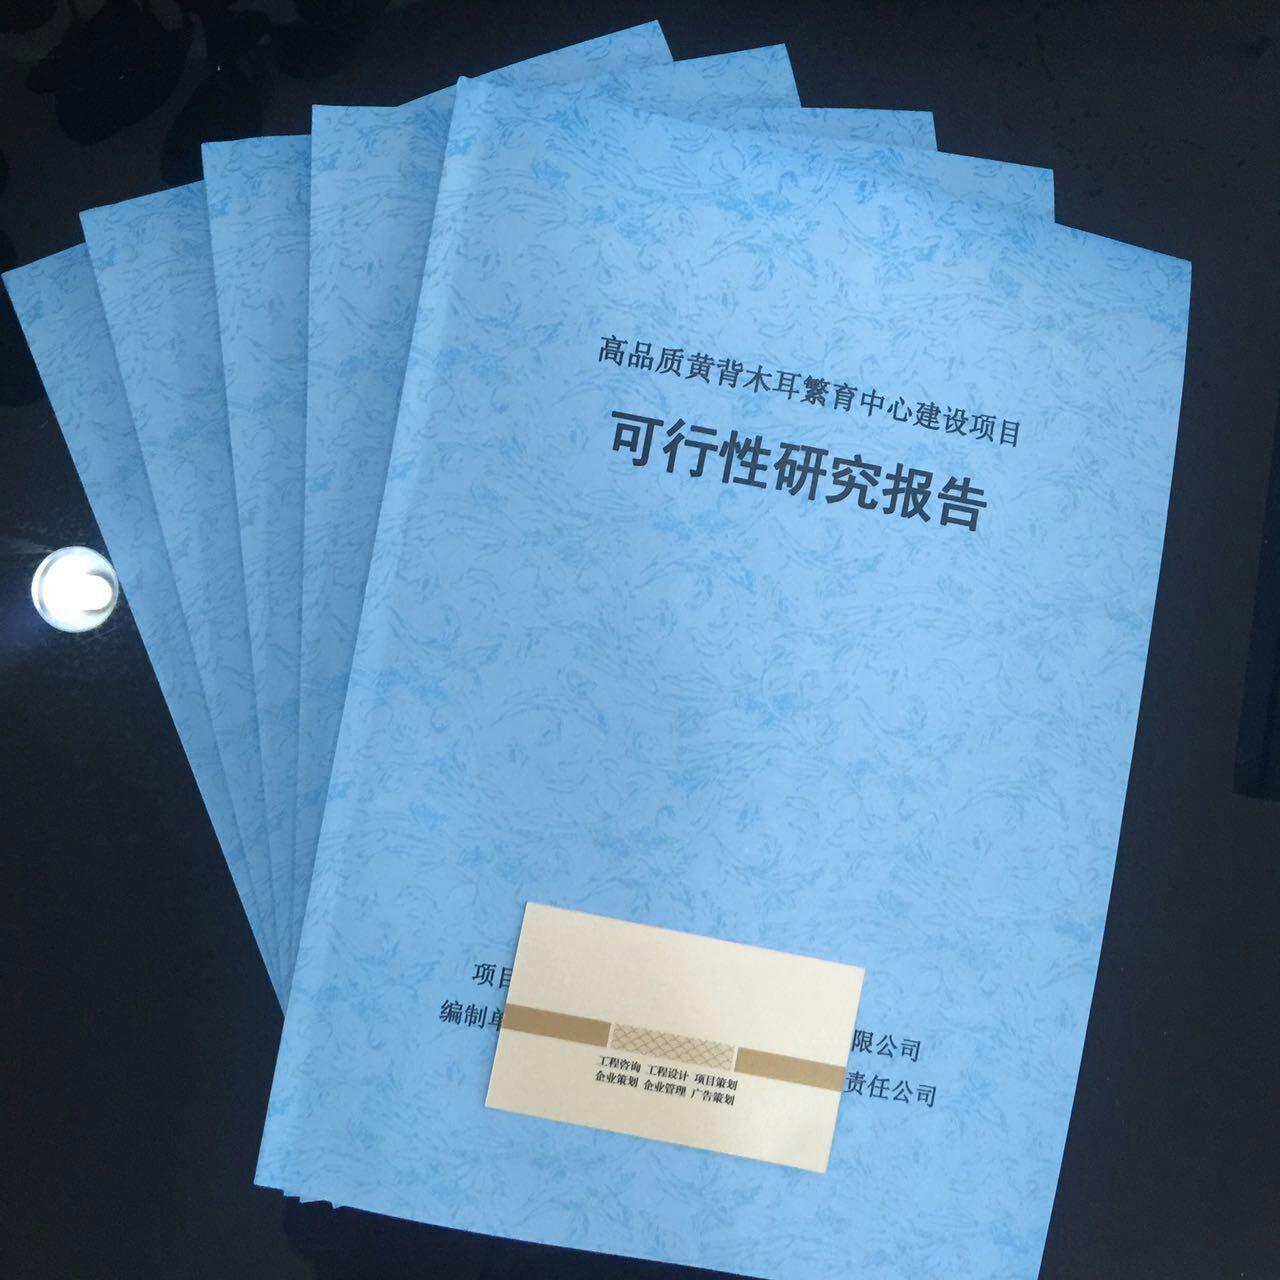 广元市混凝土搅拌站产业发展规划经销商